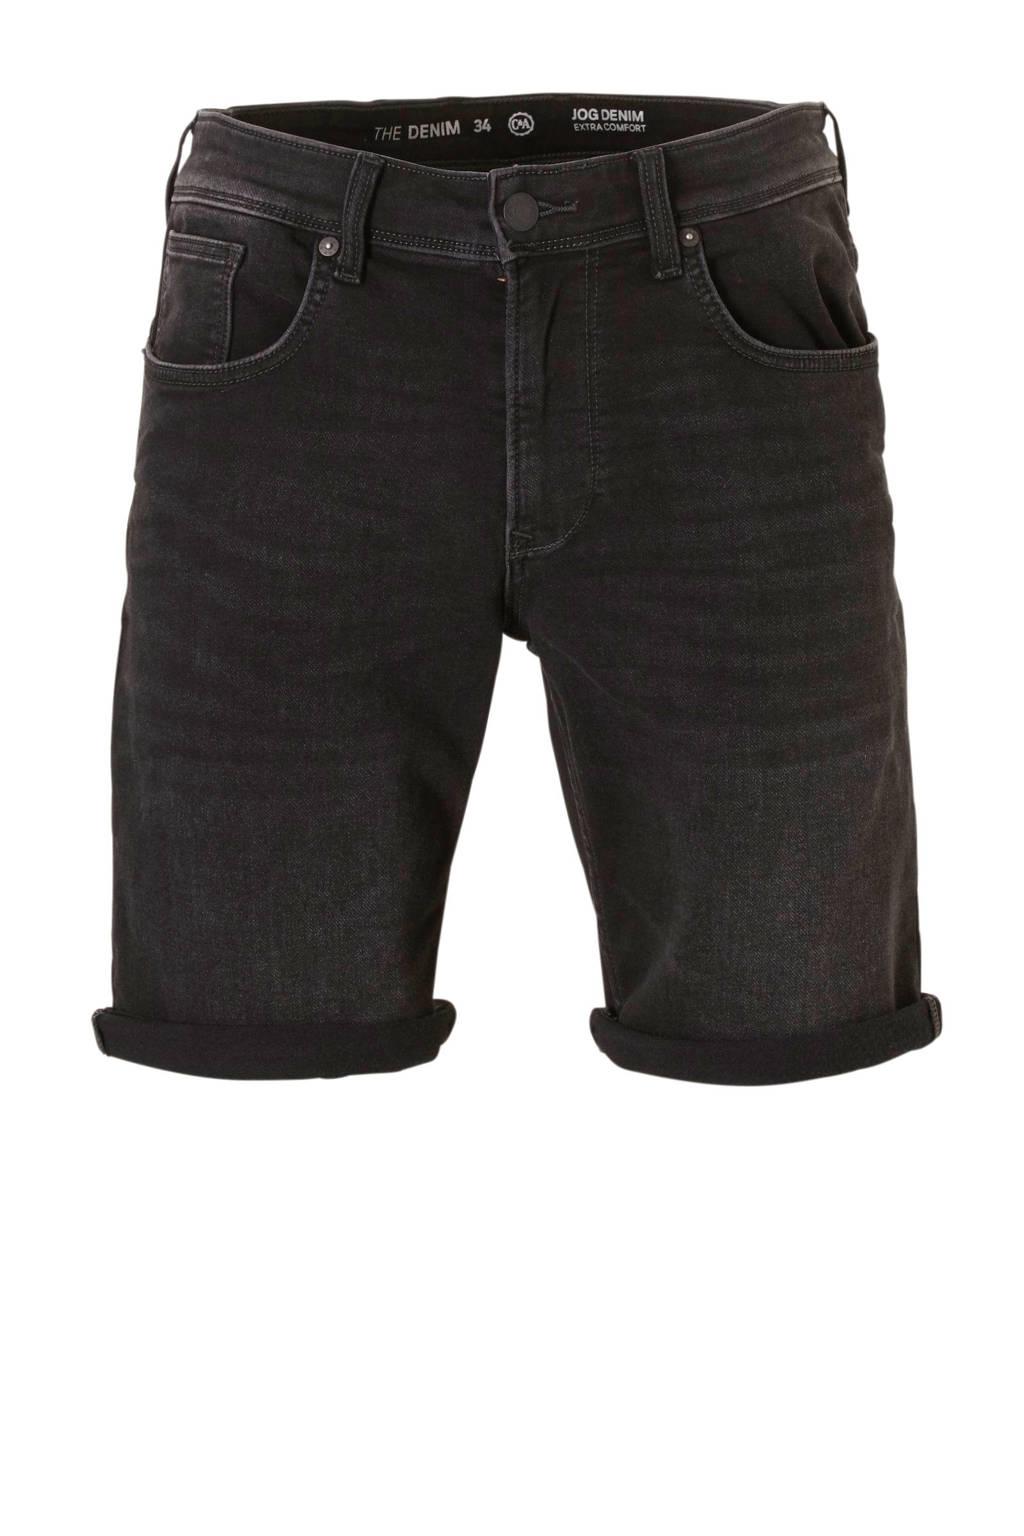 C&A The Denim regular fit jeans short, Zwart